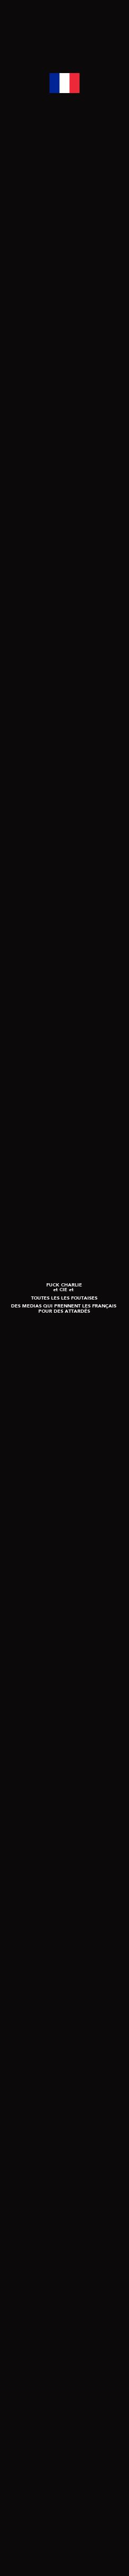 Poster: FUCK CHARLIE et CIE et  TOUTES LES LES FOUTAISES DES MEDIAS QUI PRENNENT LES FRANÇAIS  POUR DES ATTARDÉS